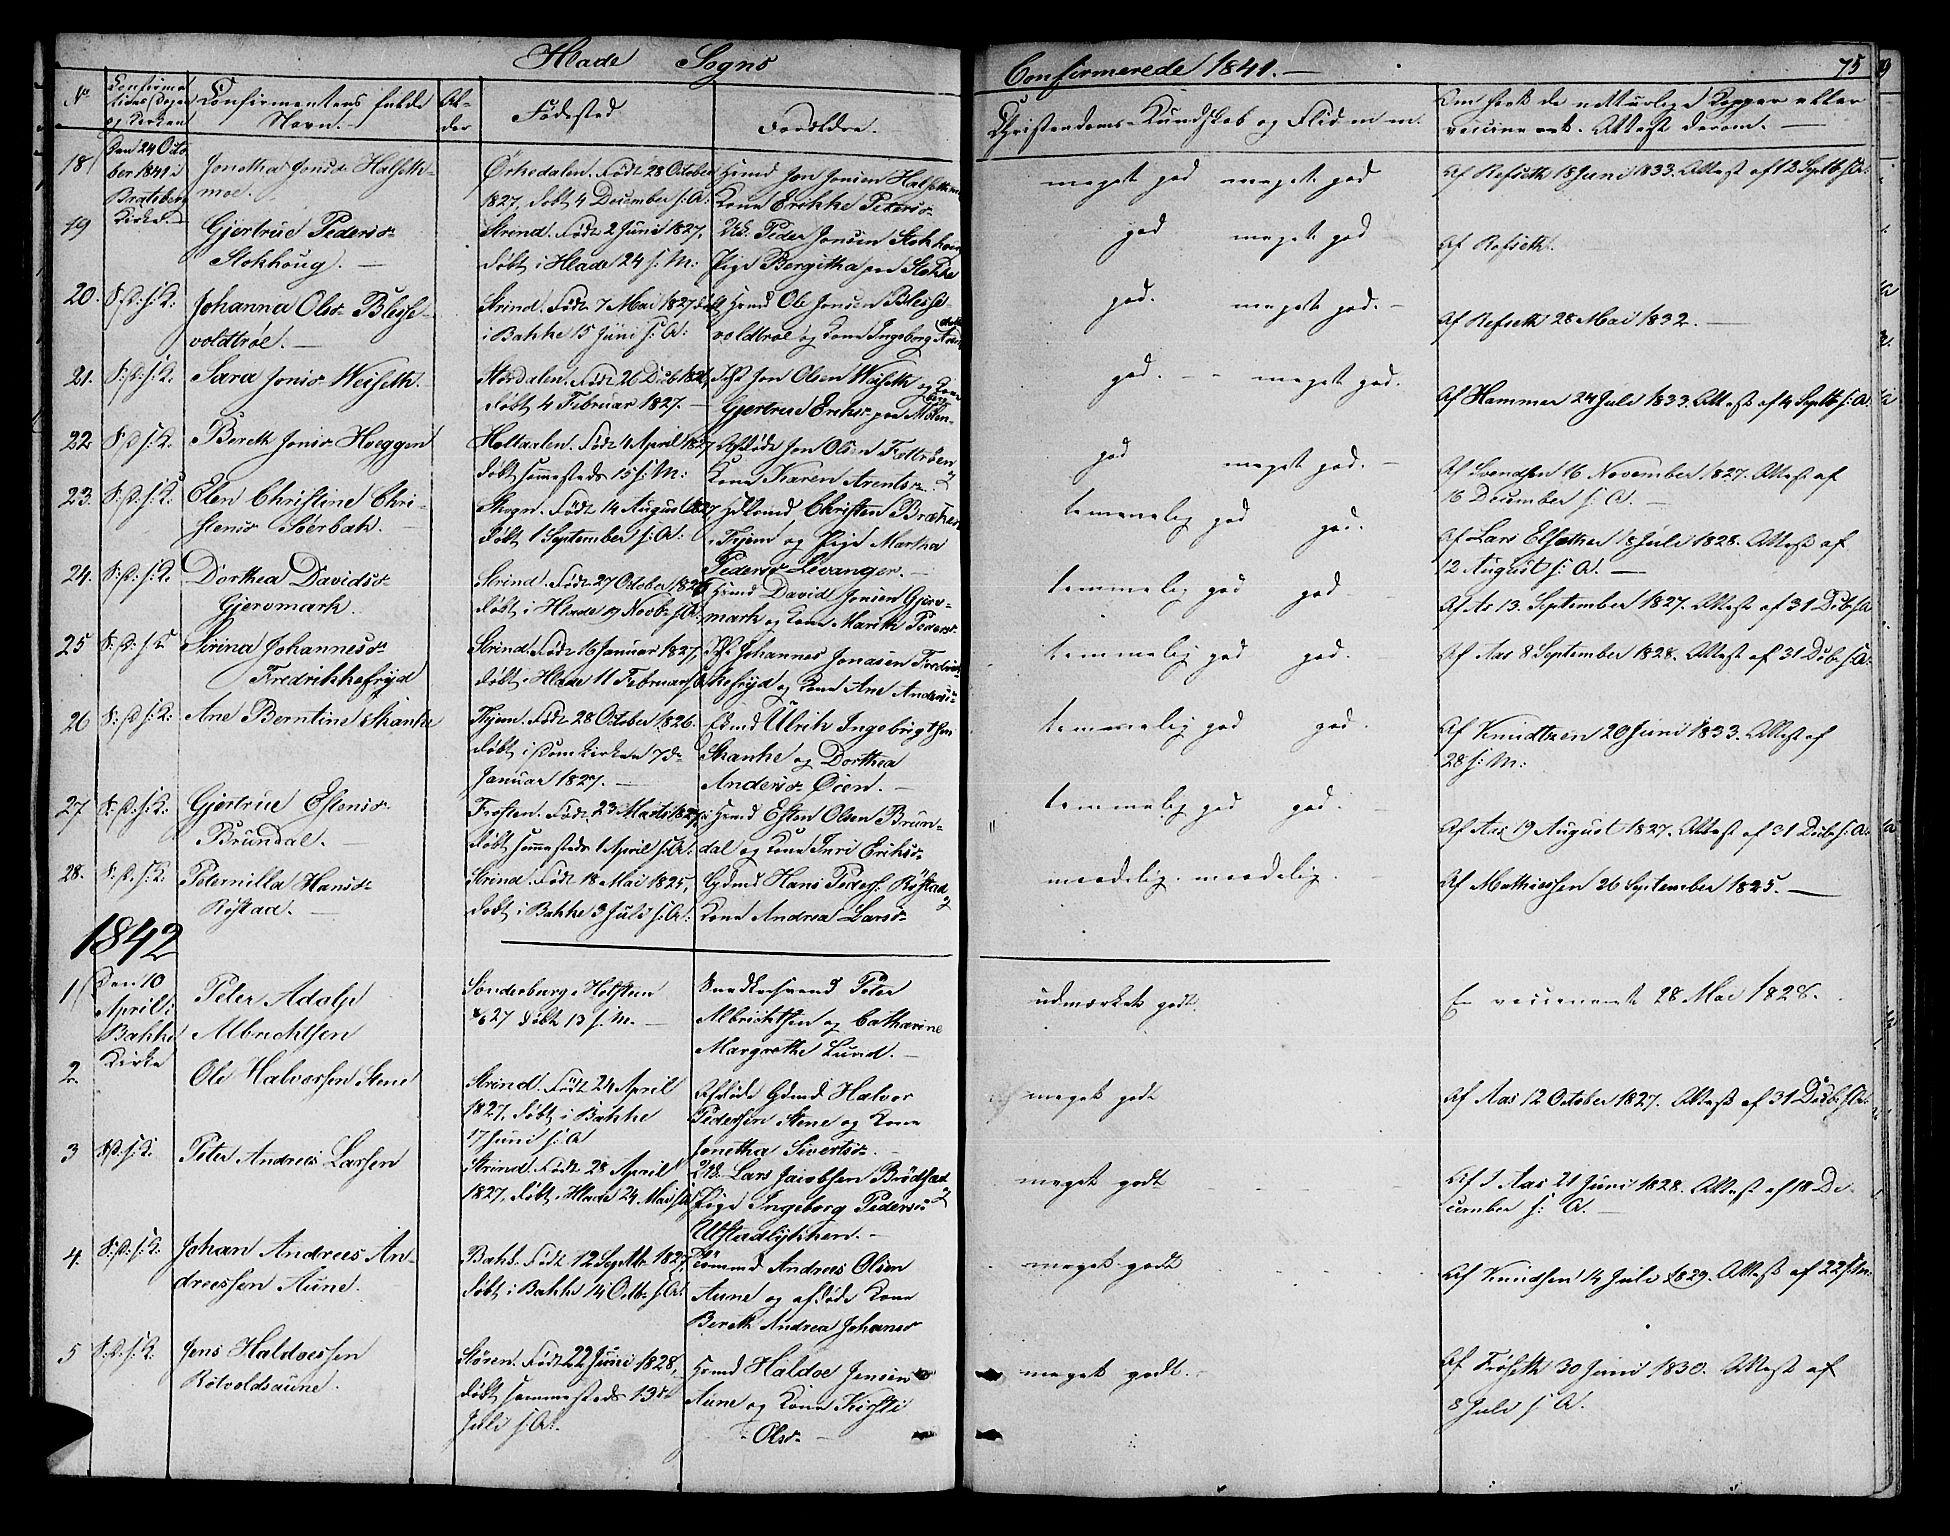 SAT, Ministerialprotokoller, klokkerbøker og fødselsregistre - Sør-Trøndelag, 606/L0309: Klokkerbok nr. 606C05, 1841-1849, s. 75